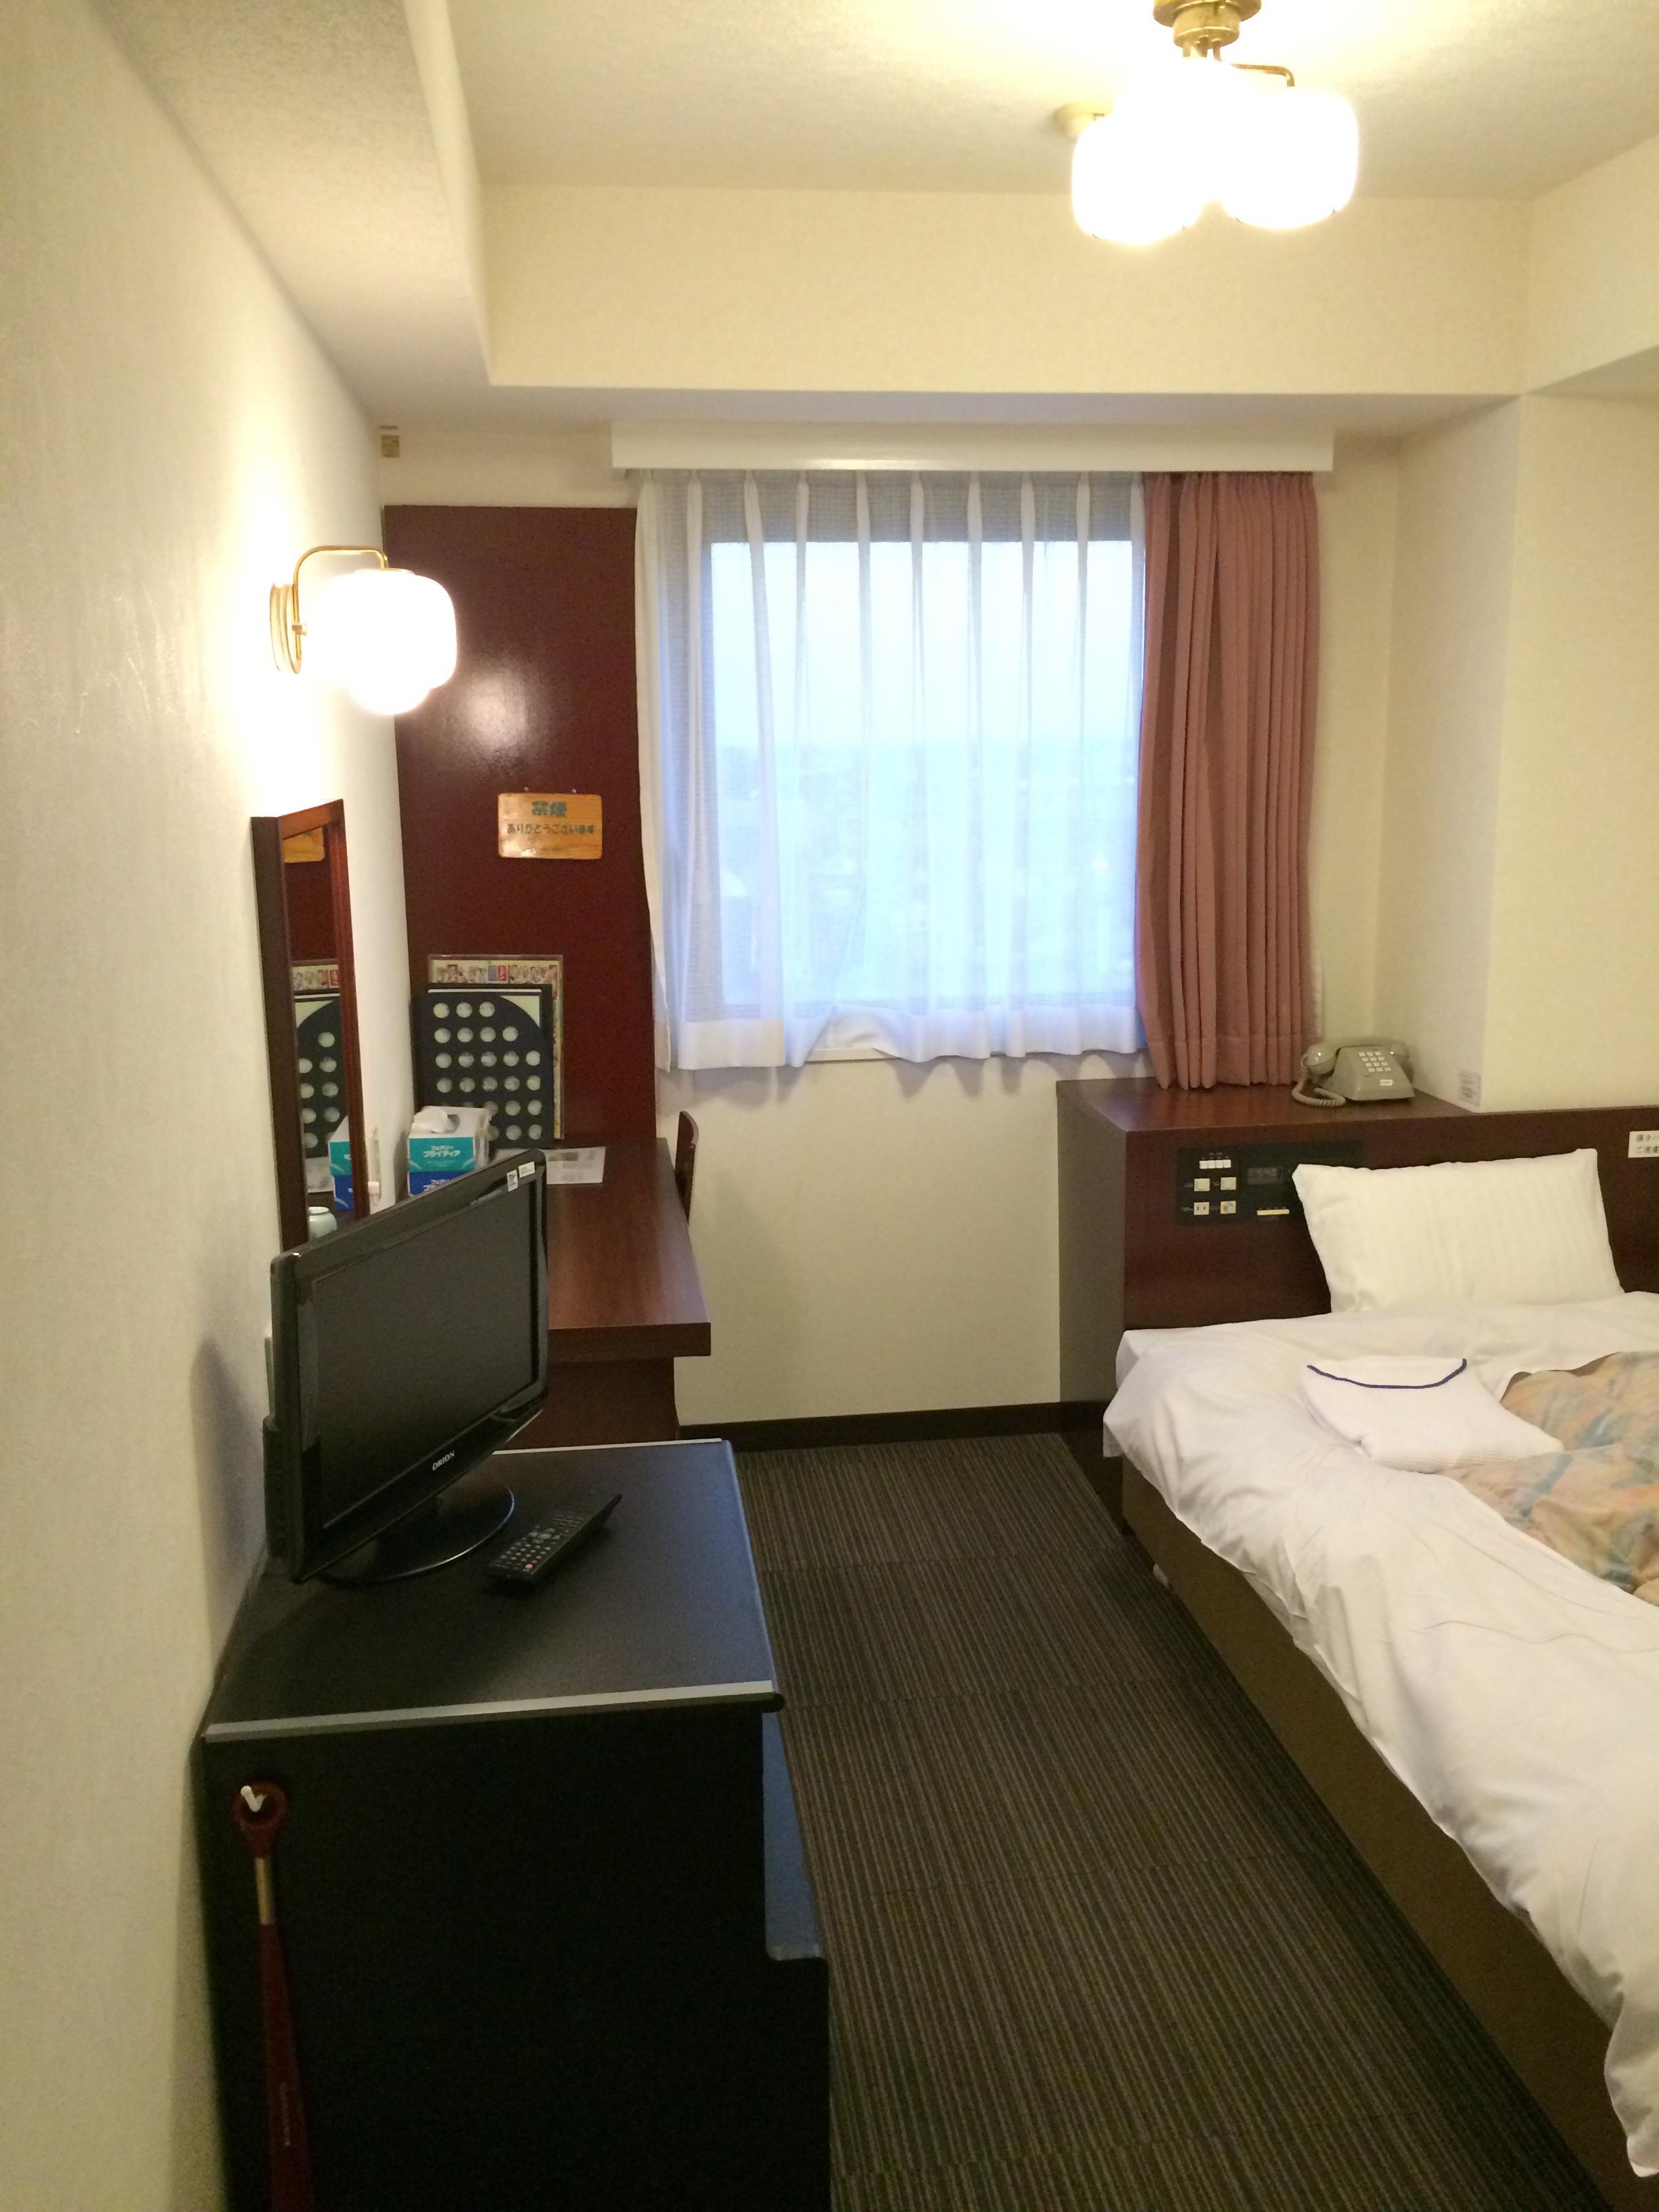 マイライフ倶楽部 はまきたプラザホテル客室(シングル)